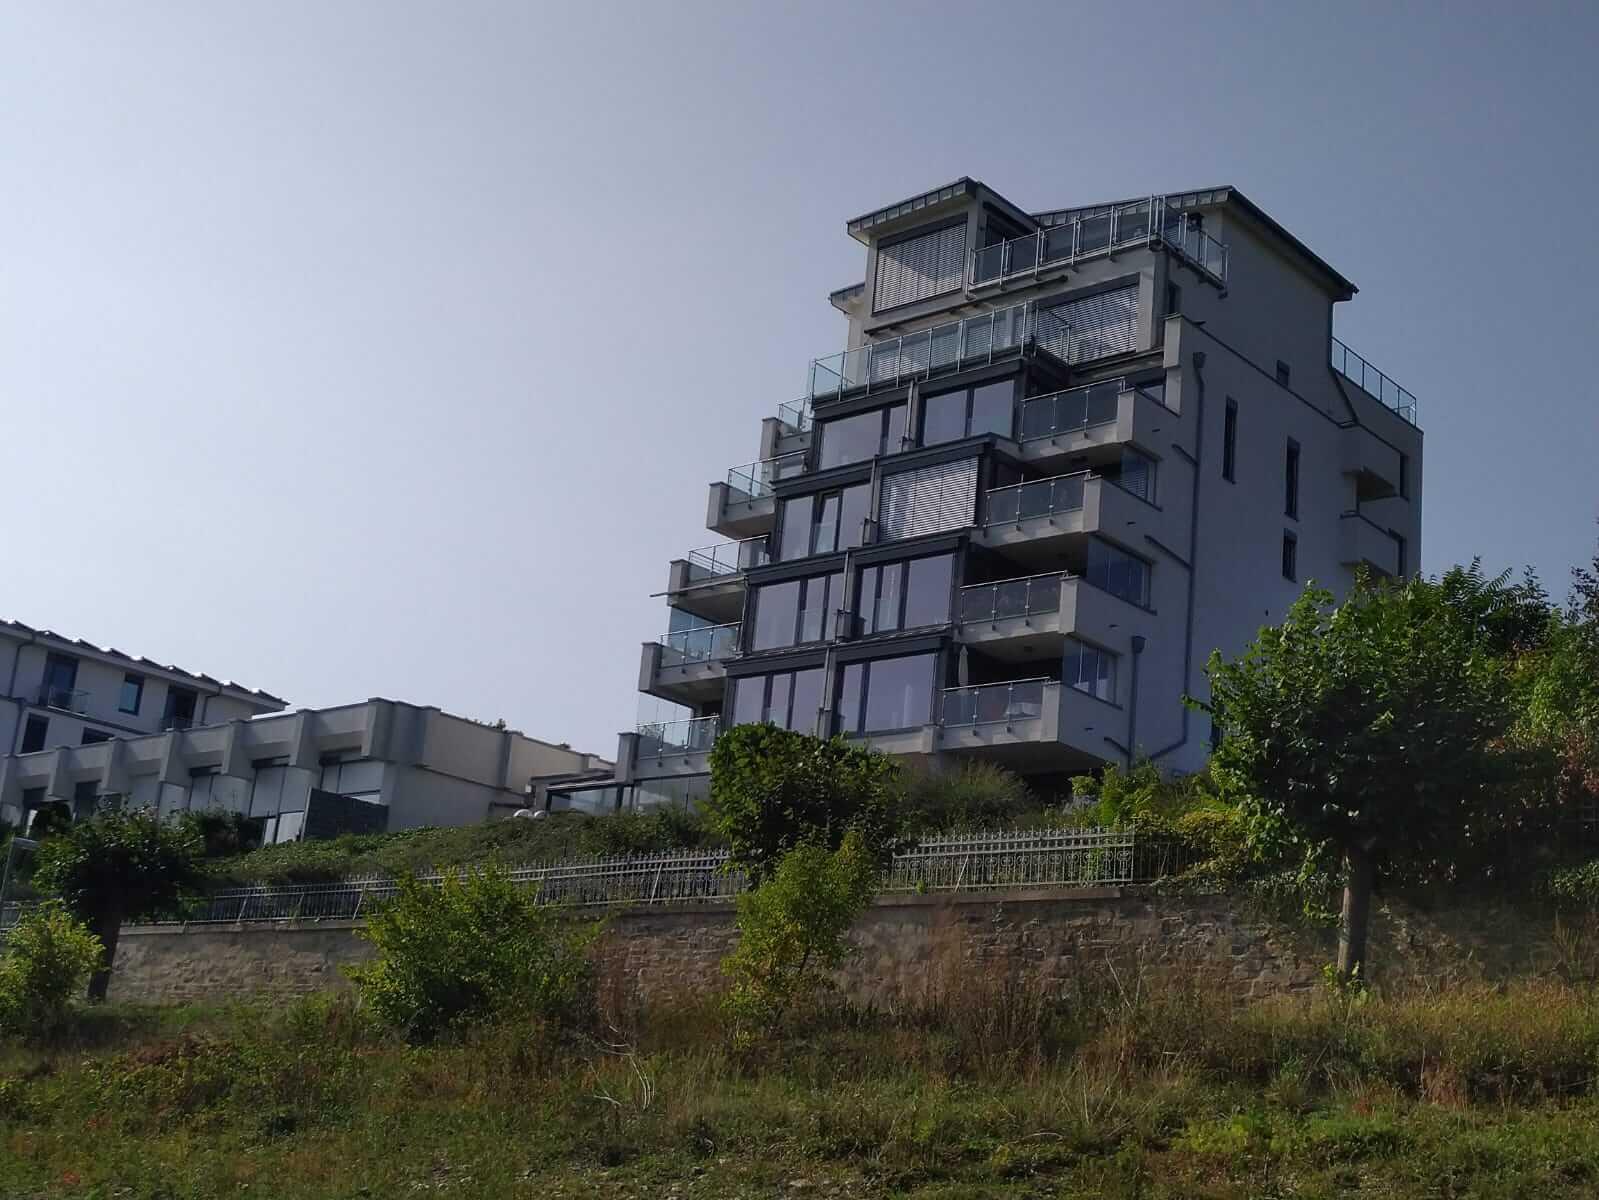 Mehrfamilienwohnhaus – Kurhotel, Bad Breisig